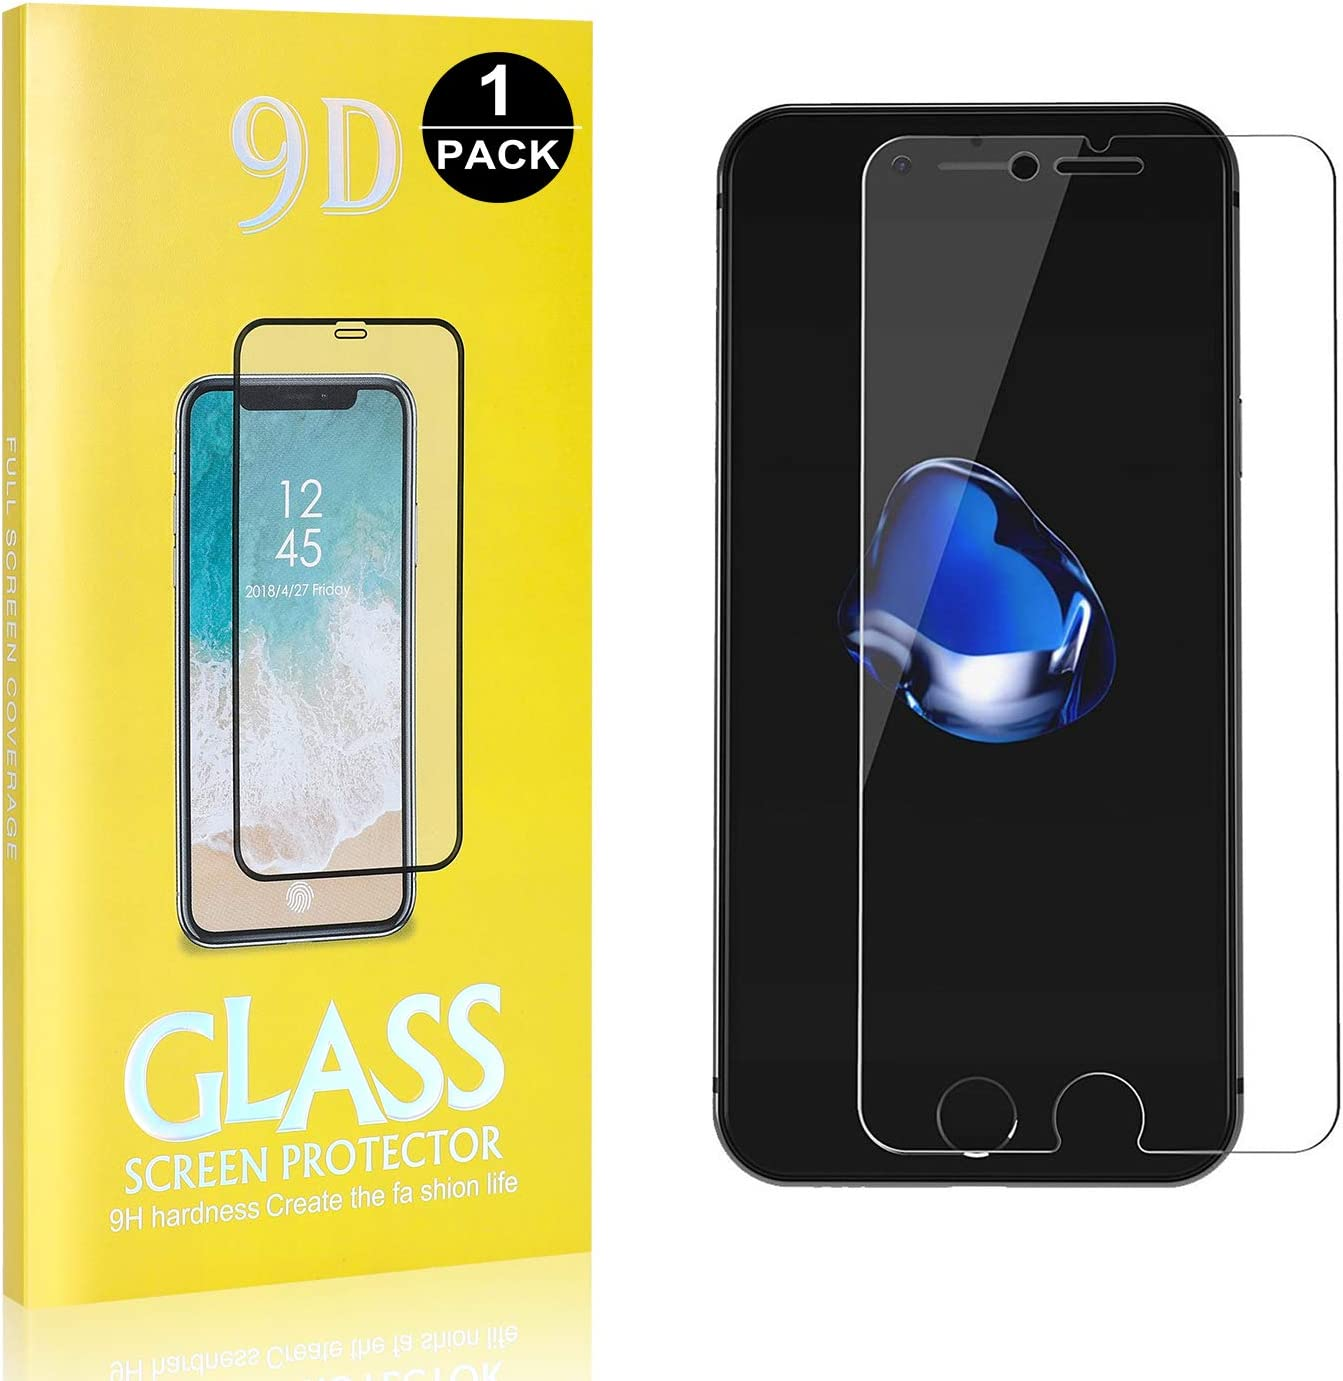 Ultra Transparent Duret/é 9H 2 Pi/èces Anti Rayures Protection en Verre Tremp/é /Écran pour Apple iPhone 6 //6s //7//8 Bear Village/® Verre Tremp/é iPhone 6 //iPhone 6s //iPhone 7 //iPhone 8